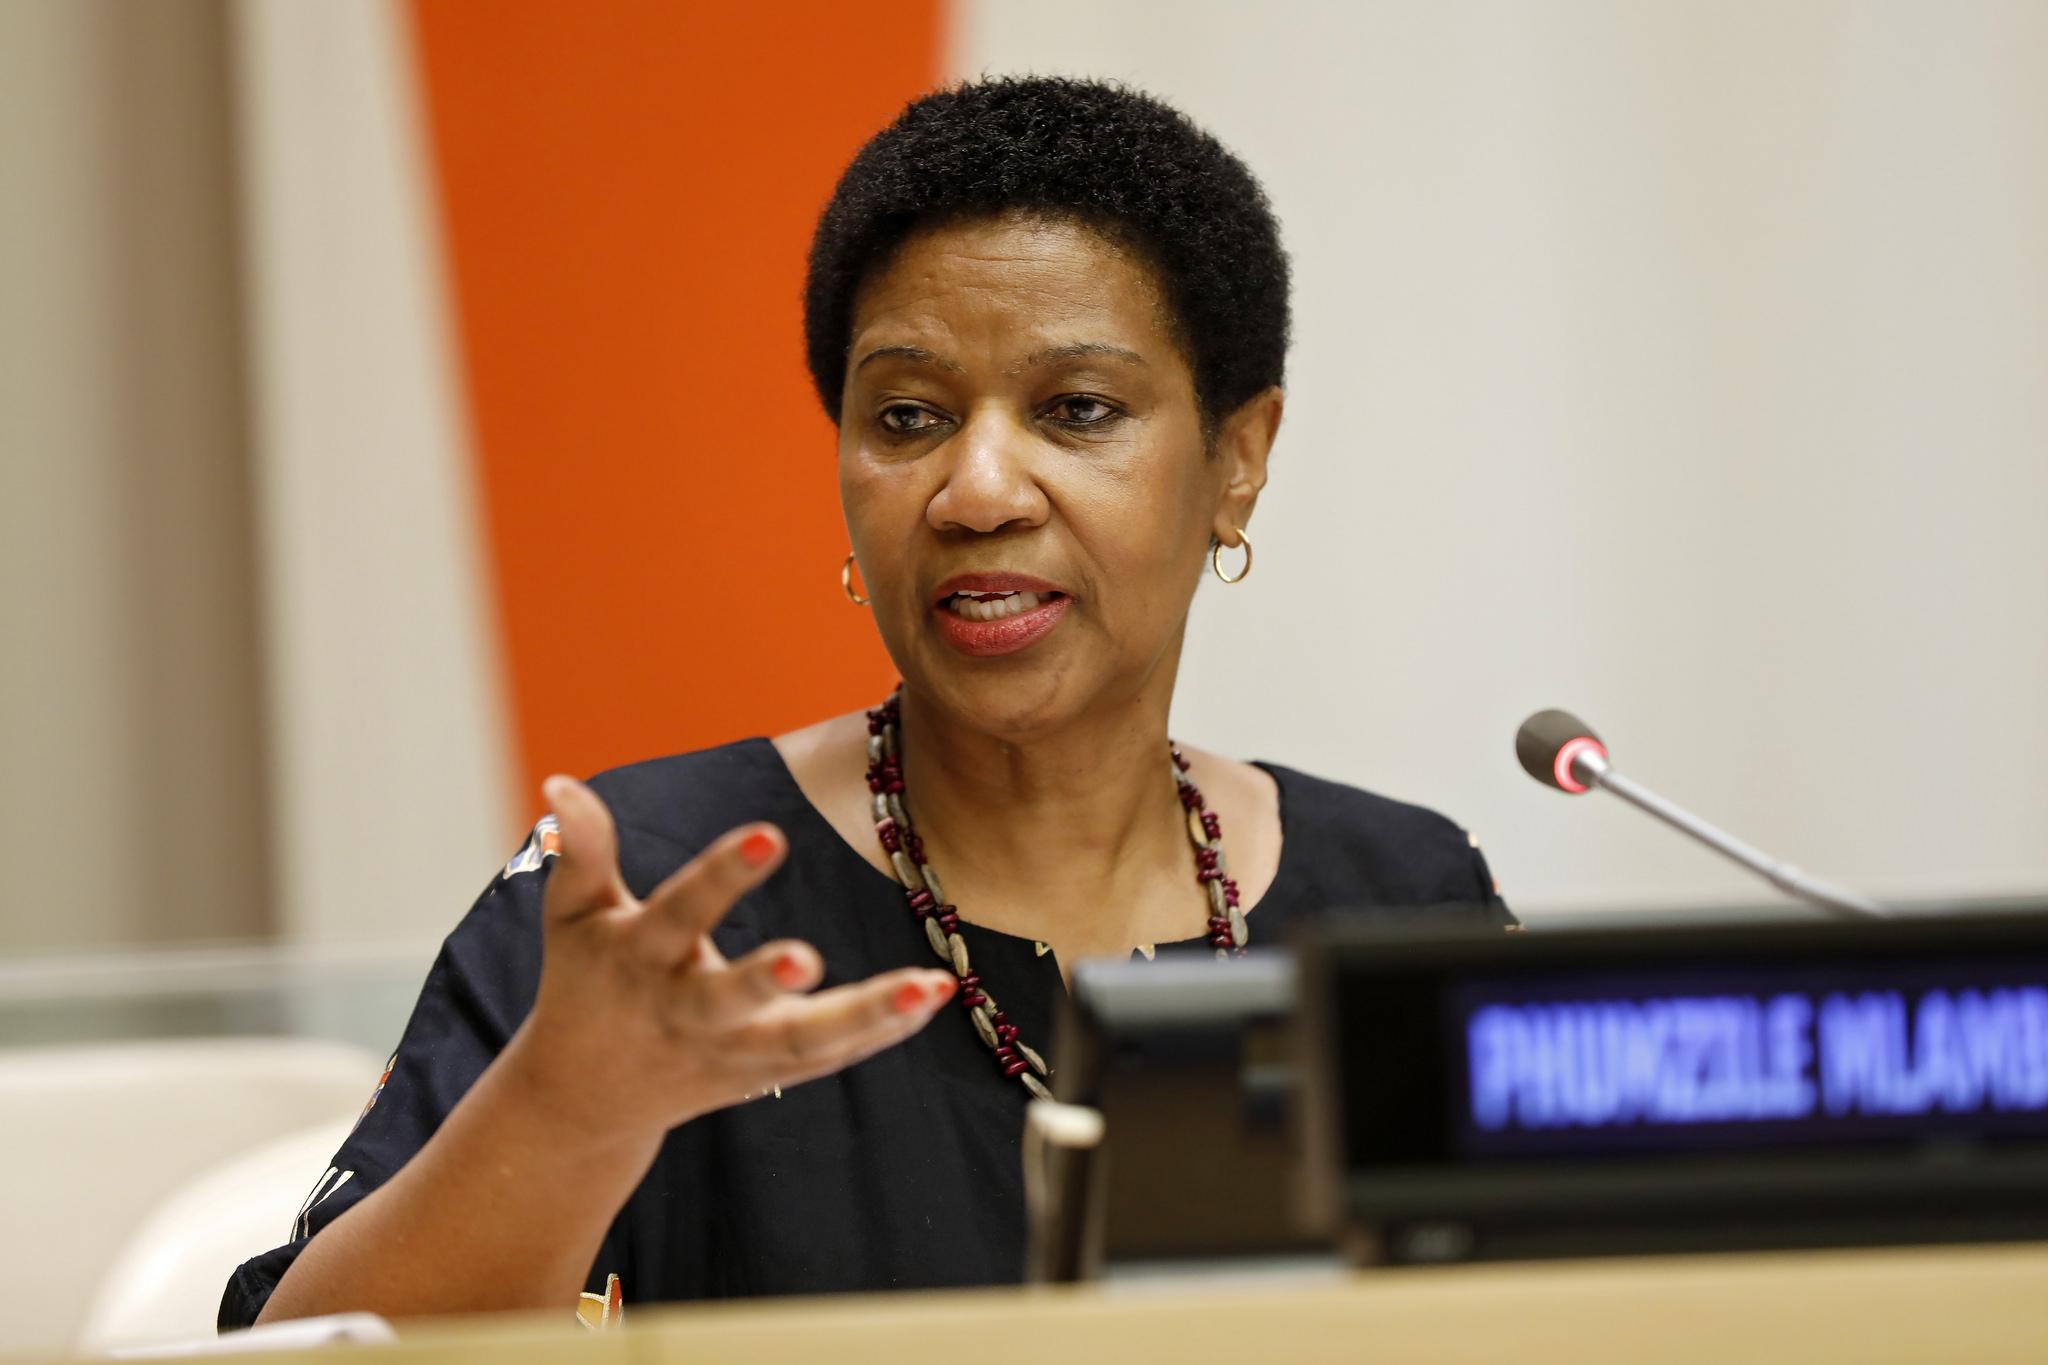 Conhecer o estado sorológico do HIV é decisivo para tomar decisões, diz diretora executiva da ONU Mulheres/onu mulheres noticias direitos humanos direitosdasmulheres 16 dias de ativismo